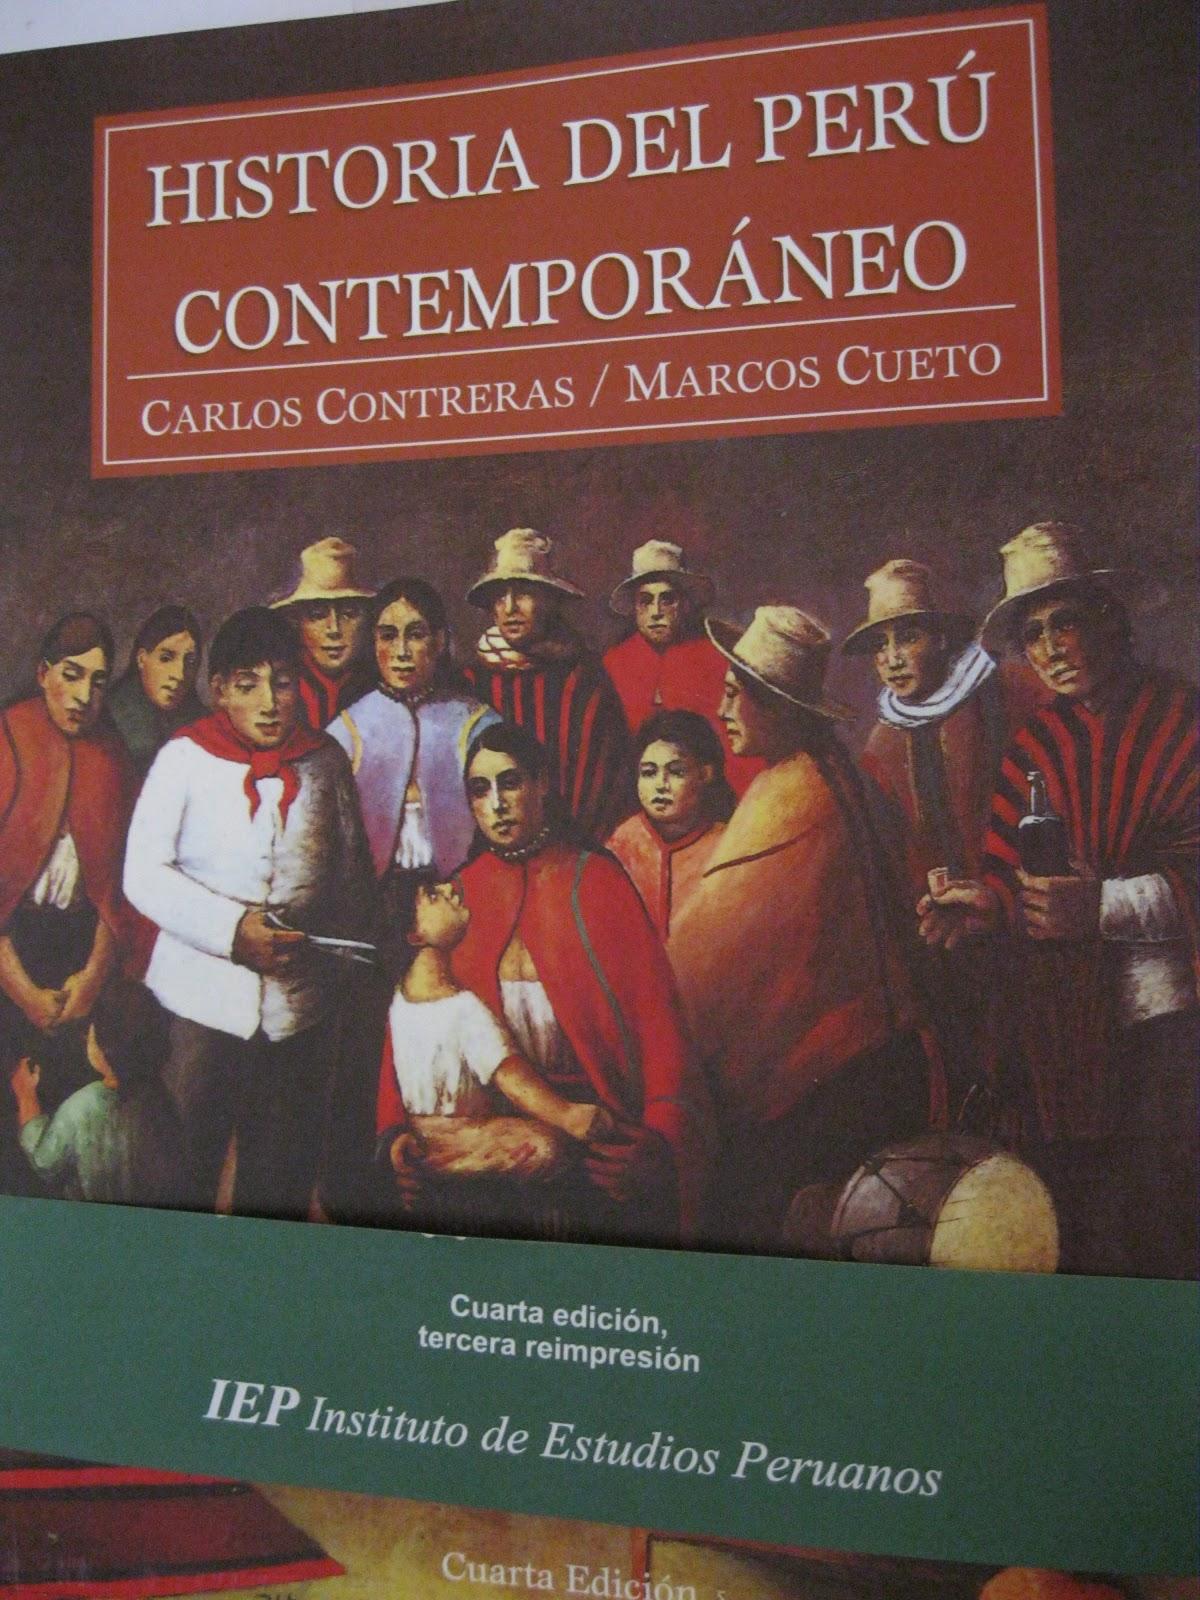 Historia del peru contemporaneo carlos contreras for Caracteristicas del contemporaneo